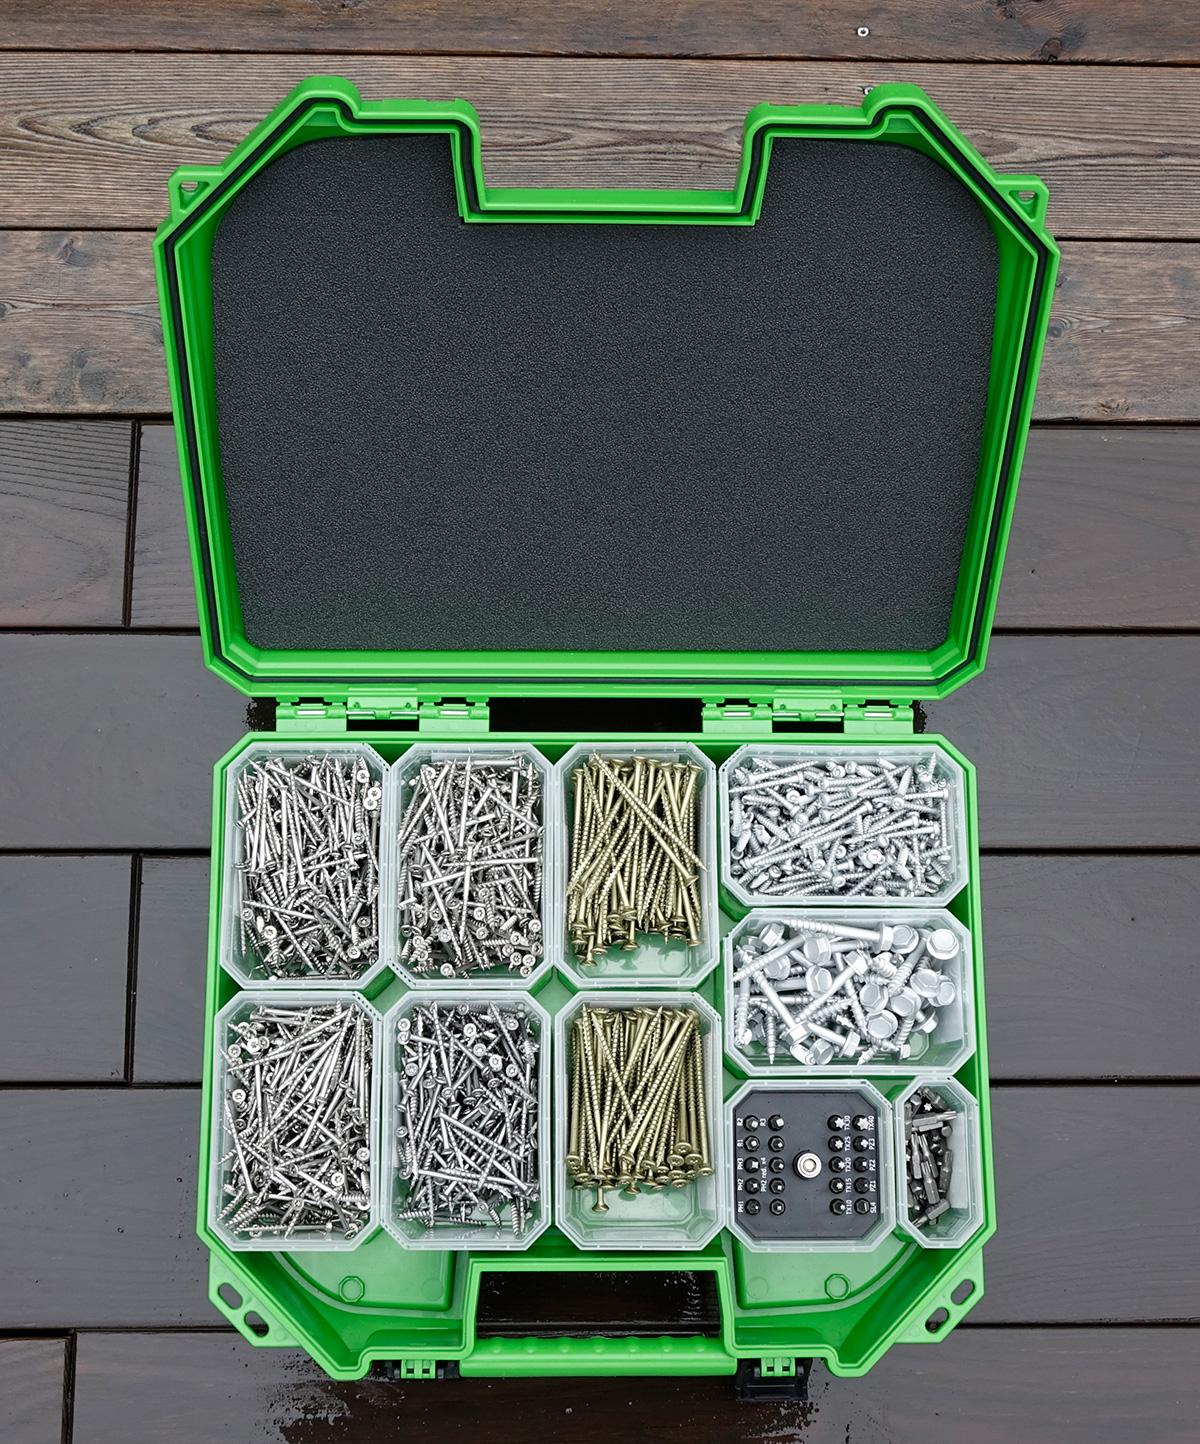 7ae3f32ea Essbox koffert kommer i ny versjon - mindre og smartere - Verktøy 24